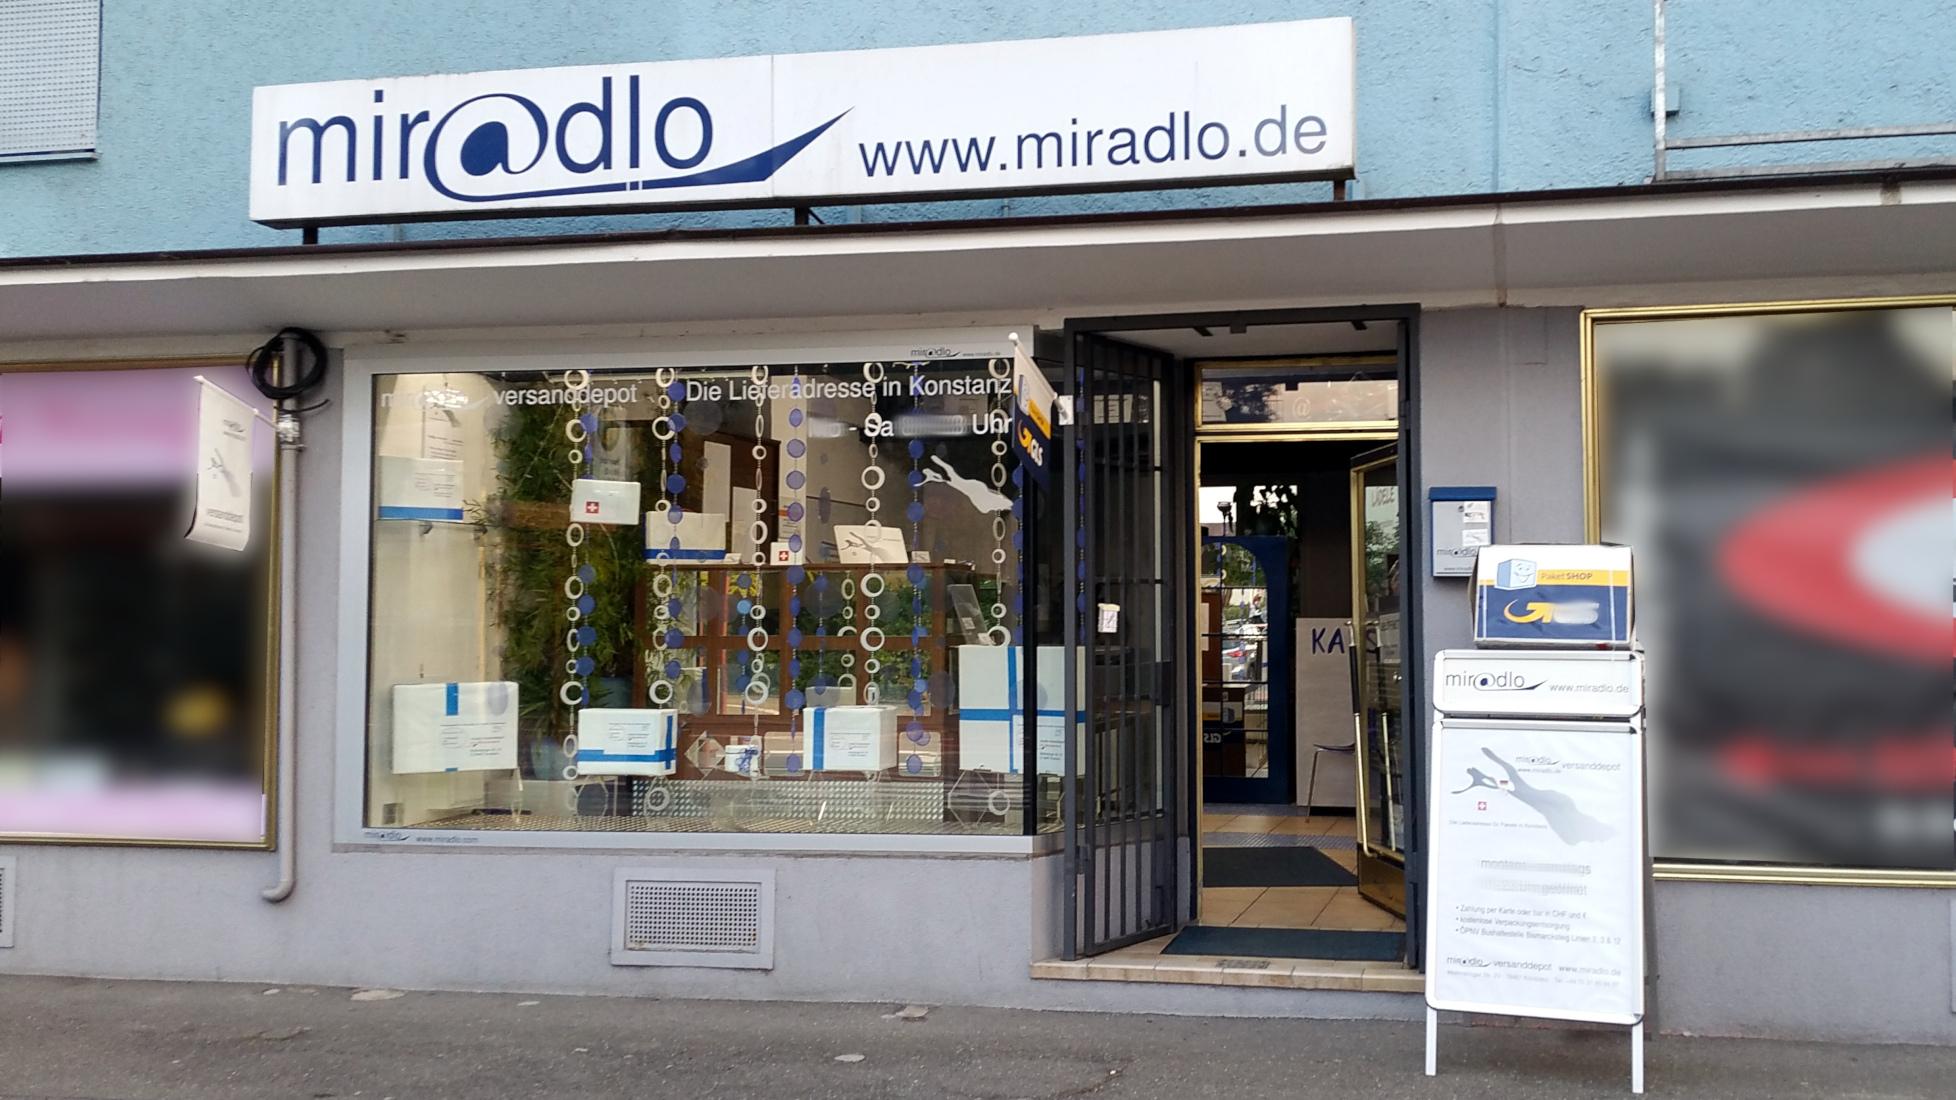 Schaufenster mit Sommerdekoration für unsere Lieferadresse - miradlo Versanddepot